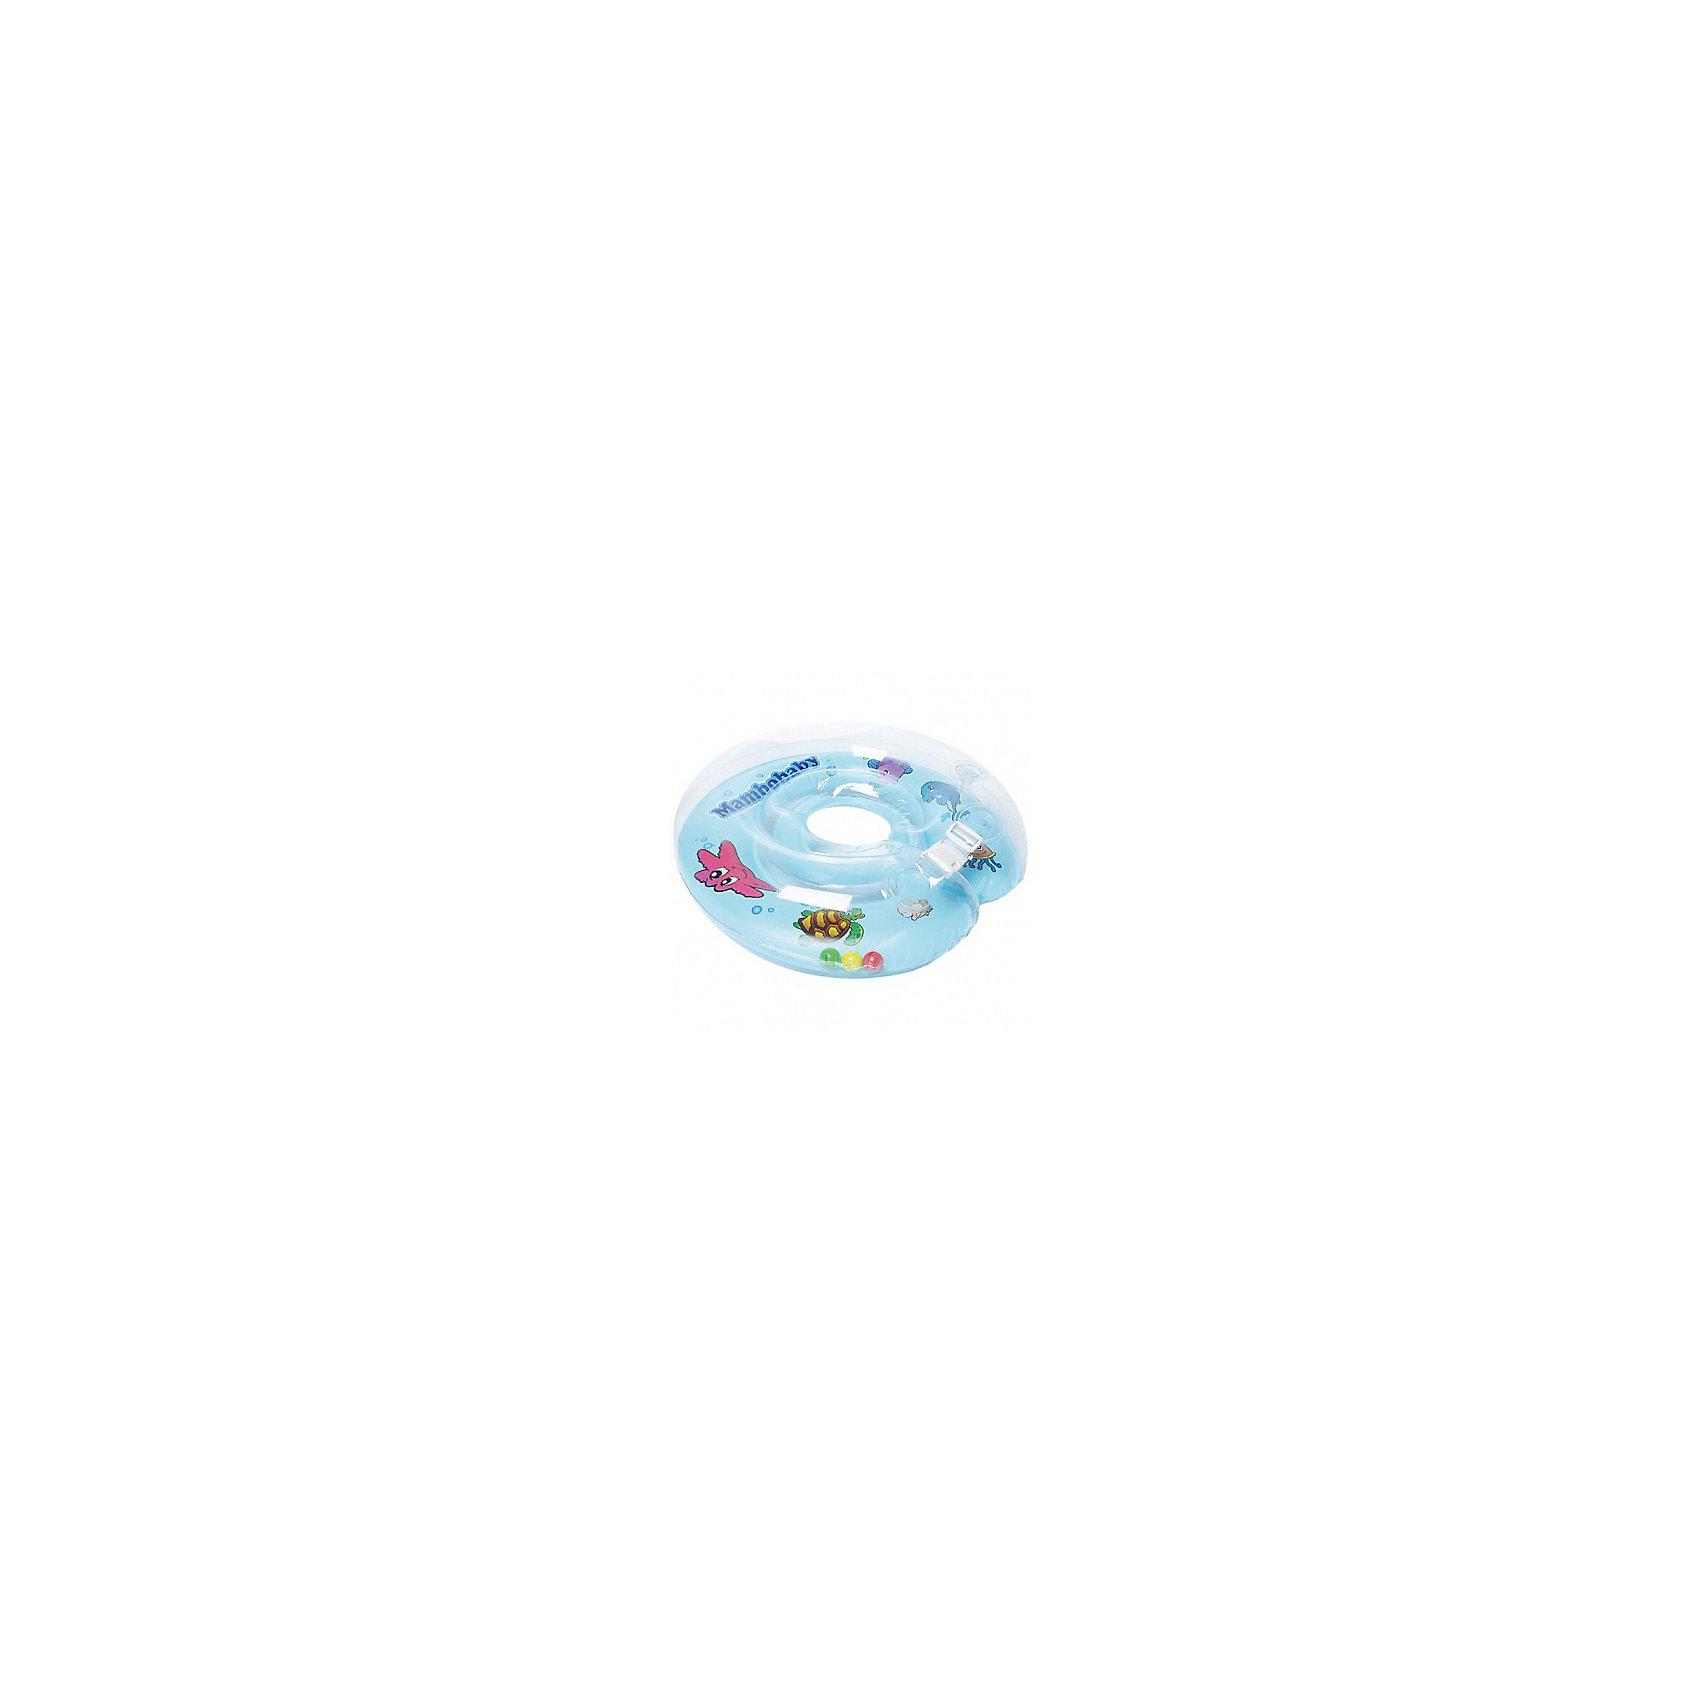 Круг на шею Mambobaby 0-24 мес, Mambobaby, голубойХарактеристики круга на шею Mambobaby: <br><br>- вид упаковки: коробка<br>- количество элементов: 1<br>- внутренний диаметр: 90*105<br>- внешний диаметр: 280*310<br>- возраст ребенка: 0-24/6-36<br>- вес ребенка: до 18/до 22<br>- страна производитель: Тайвань<br>- страна бренда Россия, Mambobaby<br>- состоит из 2-х камер. Если с одной что-то произойдет, другая удержит ребенка на плаву и позволит продолжить купание;<br>- специальная выемка на подбородке предотвращает соскальзывание;<br>- пластиковая застежка на верхней камере круга;<br>- прочная липучка на нижней камере круга;<br>- обеспечивает безопасность во время купания;<br>- рассчитан на вес ребенка до 18 кг;<br>- размер: внутренний диаметр - 9 см, внешний диаметр - 28 см.<br>- материал: ПВХ.<br>- цвет: голубой<br>- в комплекте: круг, ручной насос.<br><br>Хотите купать ребенка максимально просто, чтобы купание доставляло удовольствие и приносило пользу? В этом Вам поможет красивый и практичный круг на шею для купания торговой марки Mambobaby. Внутренний конур имеет всего 9см, а значит он не буде давить ребенку на шею, но и не позволит ему выскользнуть из круга. Кроме того, ребенок дополнительно фиксируется дополнительной выемкой для подбородка.<br>На круге имеются ручки, за которые очень удобно катать малыша по воде или просто придерживать его.<br><br>Круг на шею торговой марки Mambobaby можно купить в нашем интернет-магазине.<br><br>Ширина мм: 250<br>Глубина мм: 250<br>Высота мм: 150<br>Вес г: 600<br>Возраст от месяцев: 0<br>Возраст до месяцев: 24<br>Пол: Унисекс<br>Возраст: Детский<br>SKU: 5144757